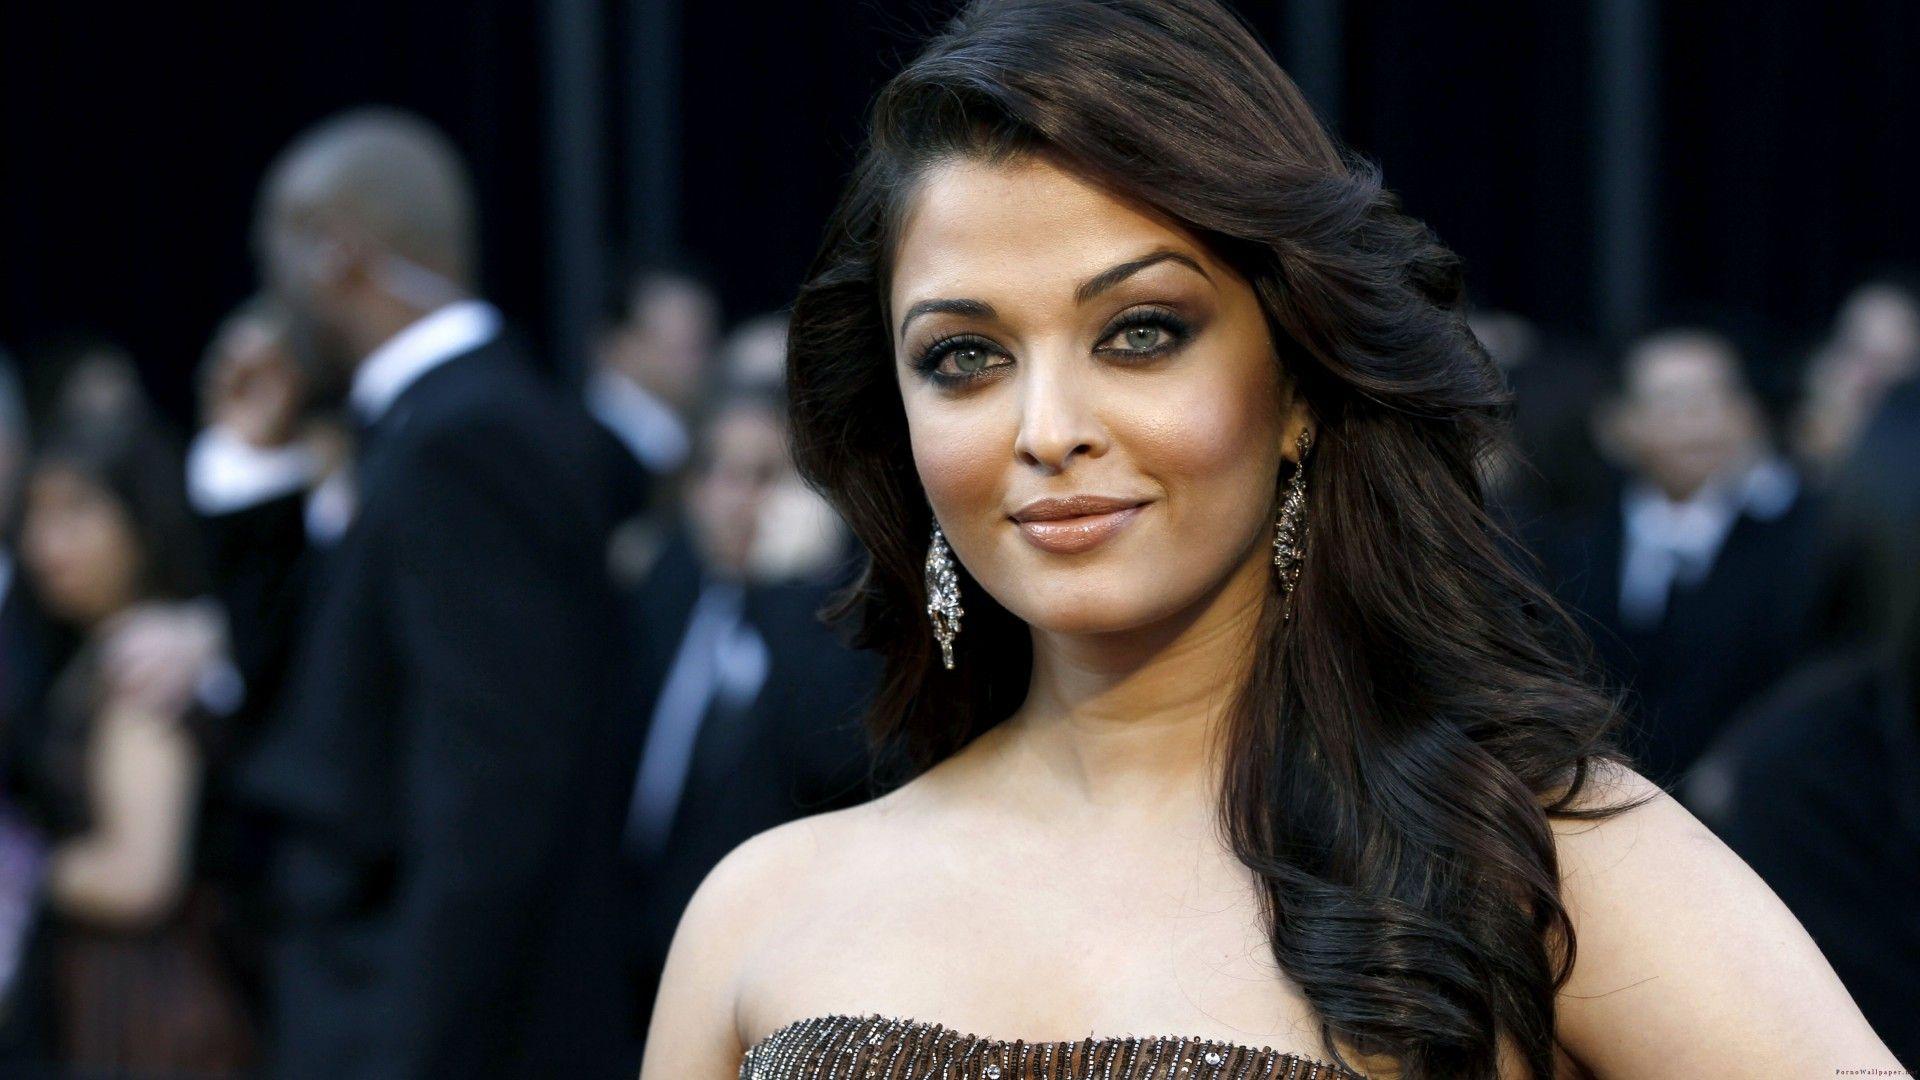 Indian Actress Aishwarya Rai Photo